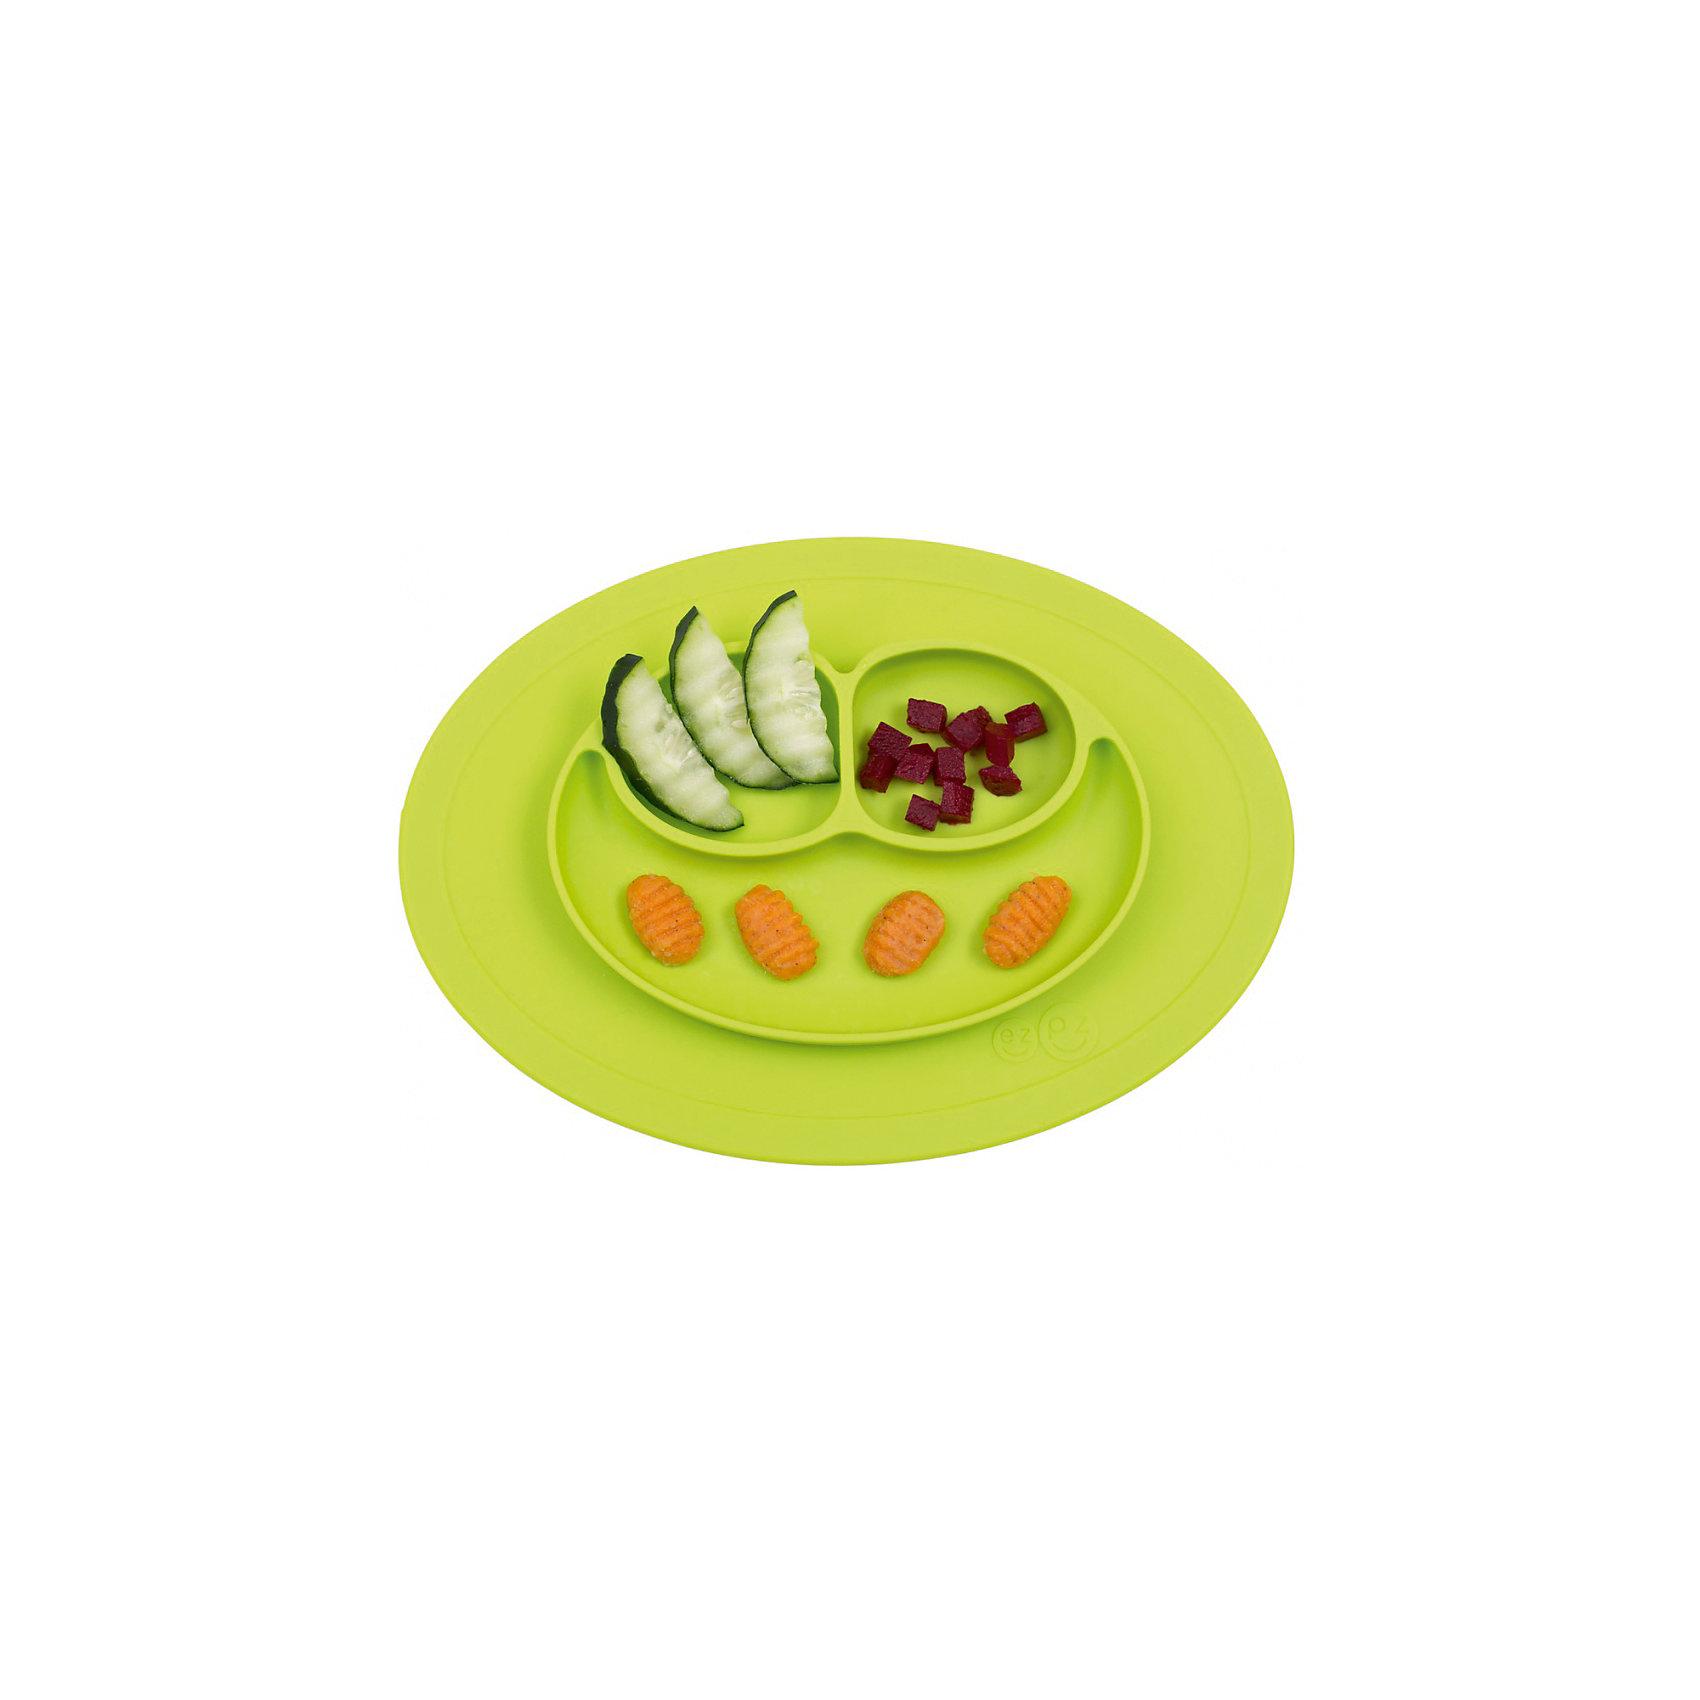 Тарелка с подставкой Mini Mat, ezpz, зеленыйТарелка с подставкой Mini Mat, ezpz, зеленый.<br><br>Характеристики:<br>• изготовлена из качественного пищевого силикона<br>• надежно крепится к столу<br>• 3 отсека для еды<br>• удобно брать с собой<br>• подходит для посудомоечной машины и микроволновой печи<br>• не содержит бисфенол, свинец, фталаты, поливинилхлорид<br>• приятный дизайн<br>• состав: 100% силикон<br>• размер: 21,5х19,5х2,5 см<br>• объем: 240 мл<br>• цвет: зеленый<br><br>Тарелка с подставкой Mini Mat, ezpz пригодится, если в доме живут маленькие непоседы. Тарелка имеет 3 глубоких отсека, что позволяет подавать еду раздельно. Вы сможете одновременно подать к столу мясо, гарнир и фрукты, не пачкая лишнюю посуду. Дно тарелки надежно крепится к плоской поверхности - вы можете не переживать, что малыш опрокинет еду и обожжется. Небольшой размер позволит брать тарелку с собой в дорогу. Приятный дизайн тарелки понравится ребенку, и он обязательно будет есть с аппетитом!<br><br><br>Вы можете купить тарелку с подставкой Mini Mat, ezpz, зеленый в нашем интернет-магазине.<br><br>Ширина мм: 210<br>Глубина мм: 25<br>Высота мм: 195<br>Вес г: 323<br>Возраст от месяцев: 0<br>Возраст до месяцев: 36<br>Пол: Унисекс<br>Возраст: Детский<br>SKU: 5068715